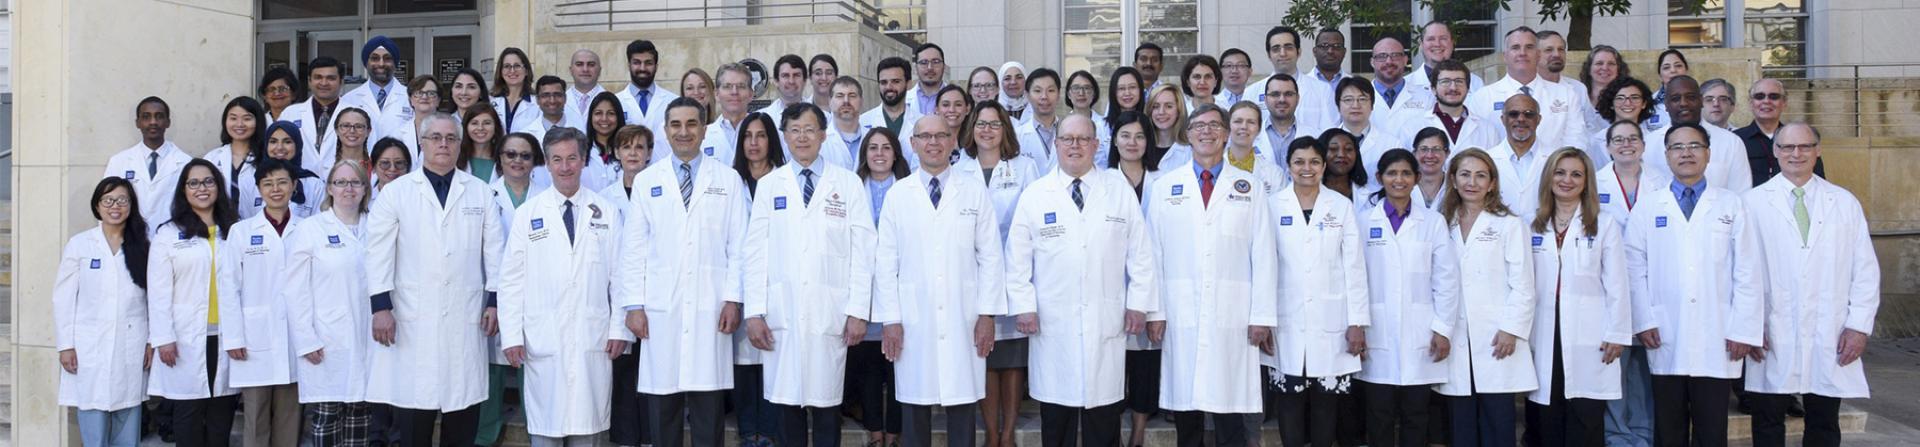 Department of Pathology & Immunology